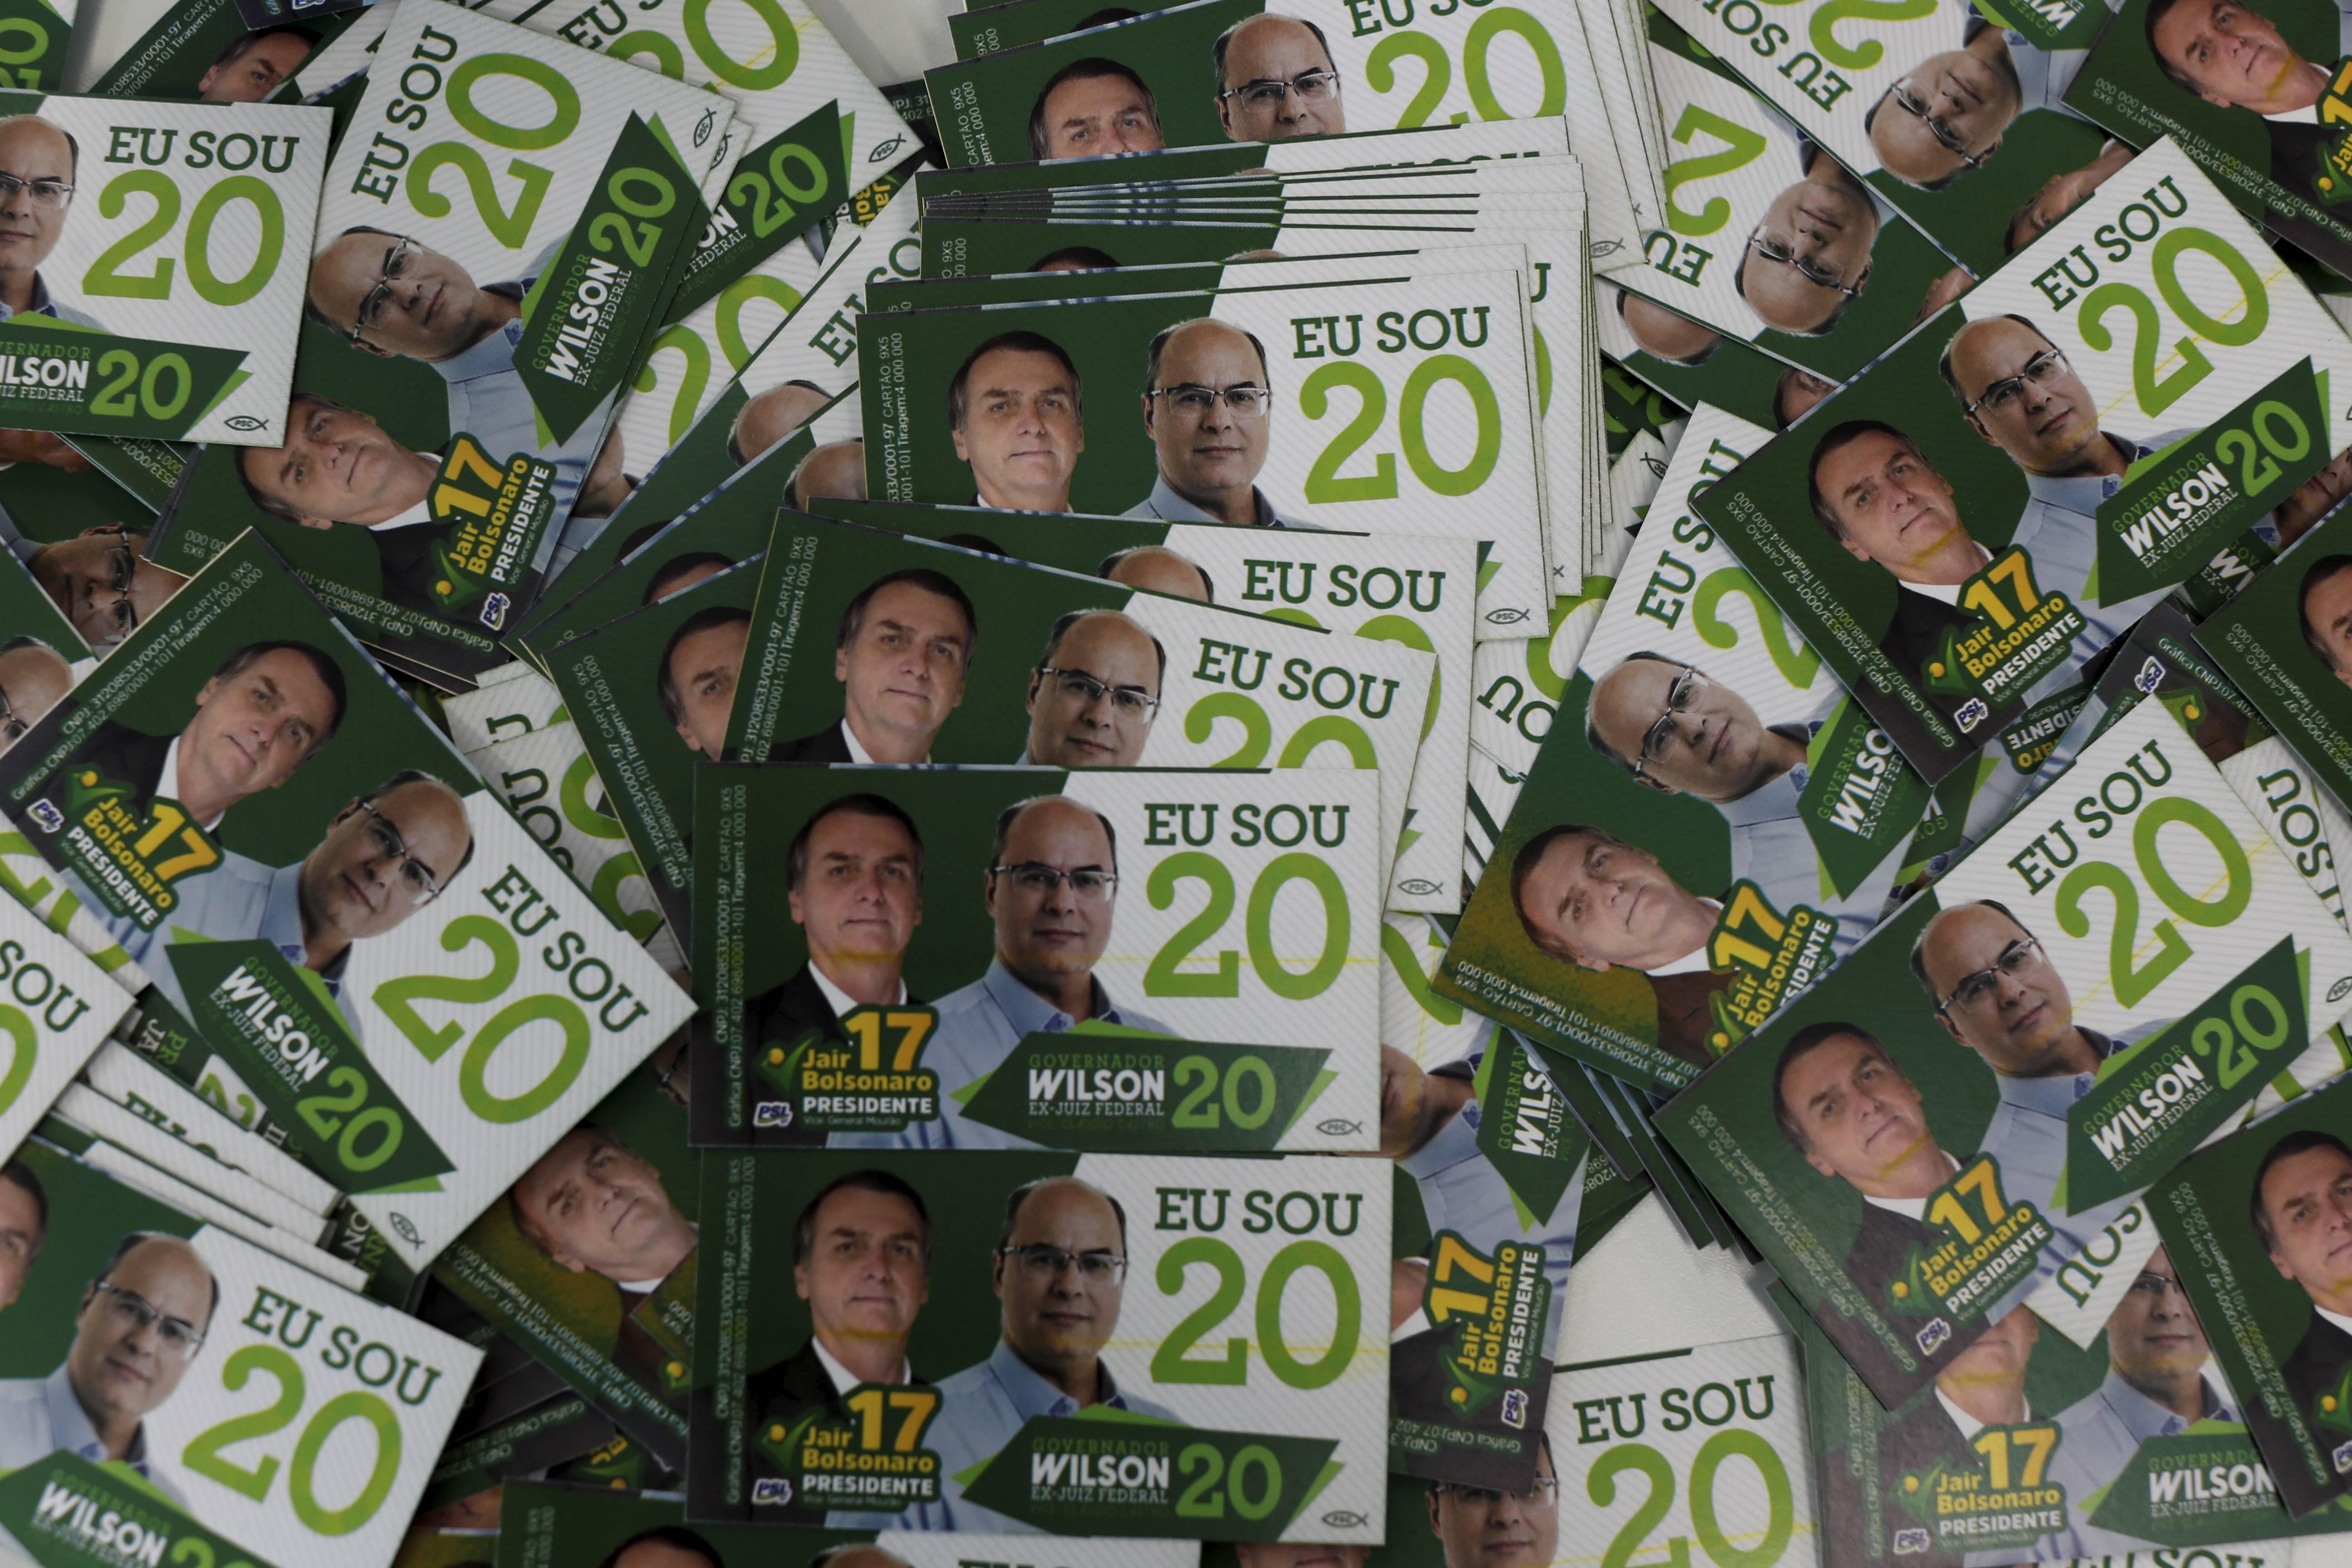 Witzel usa imagem de Bolsonaro em santinhos